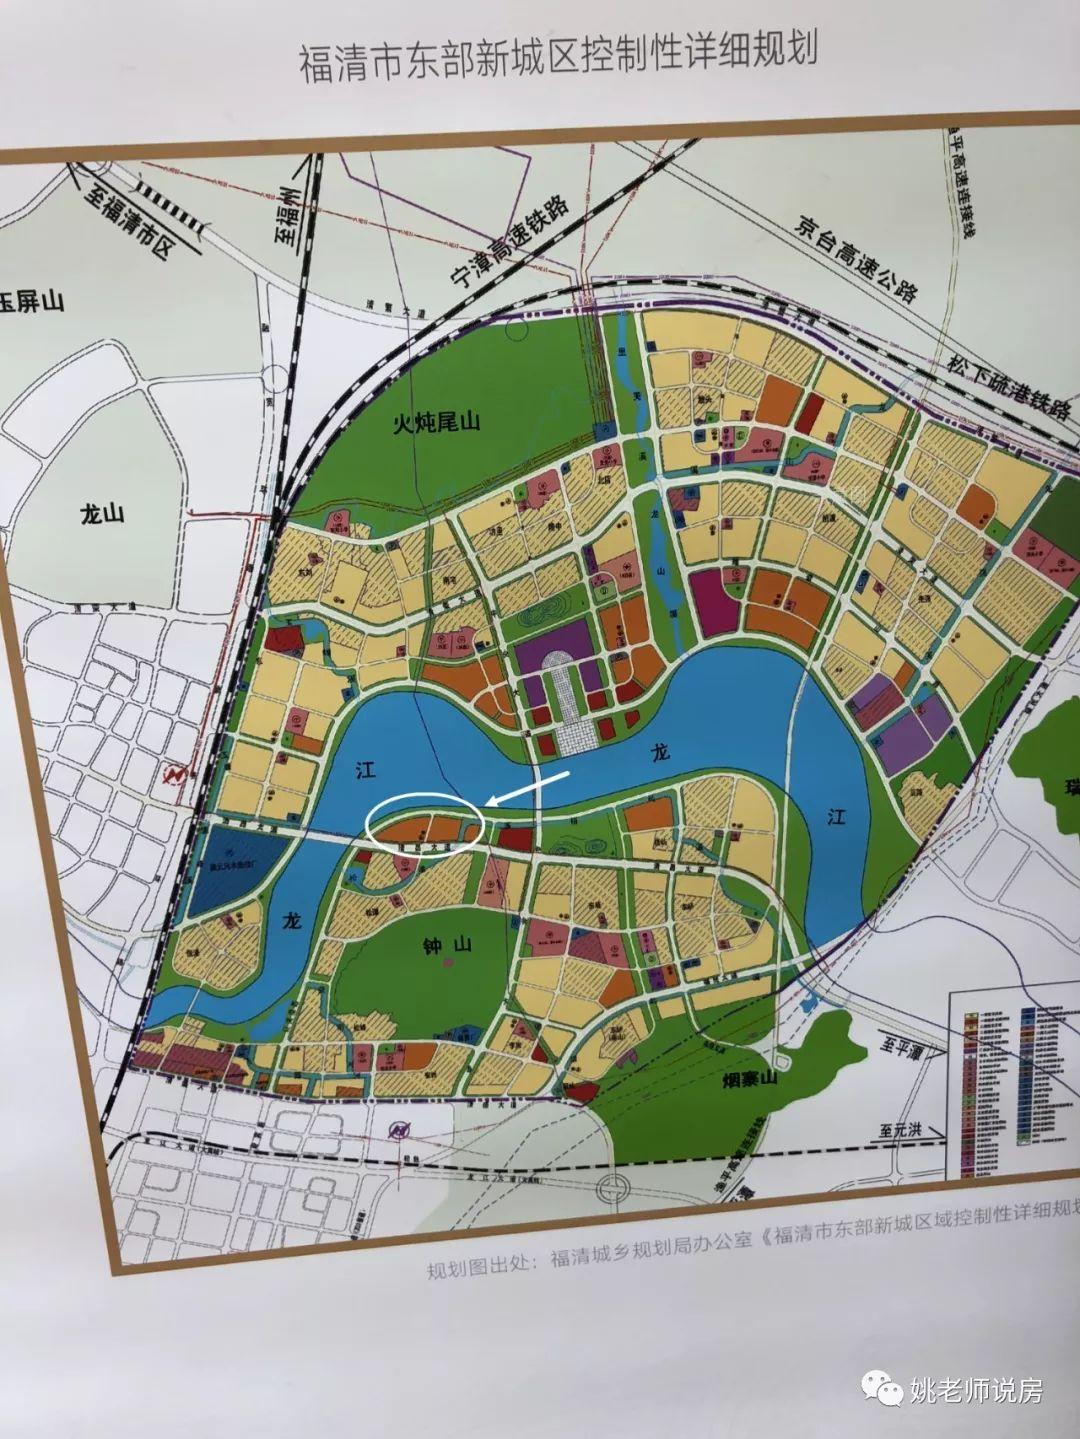 福清东部新城又一幅地块性质拟调整,位置在……